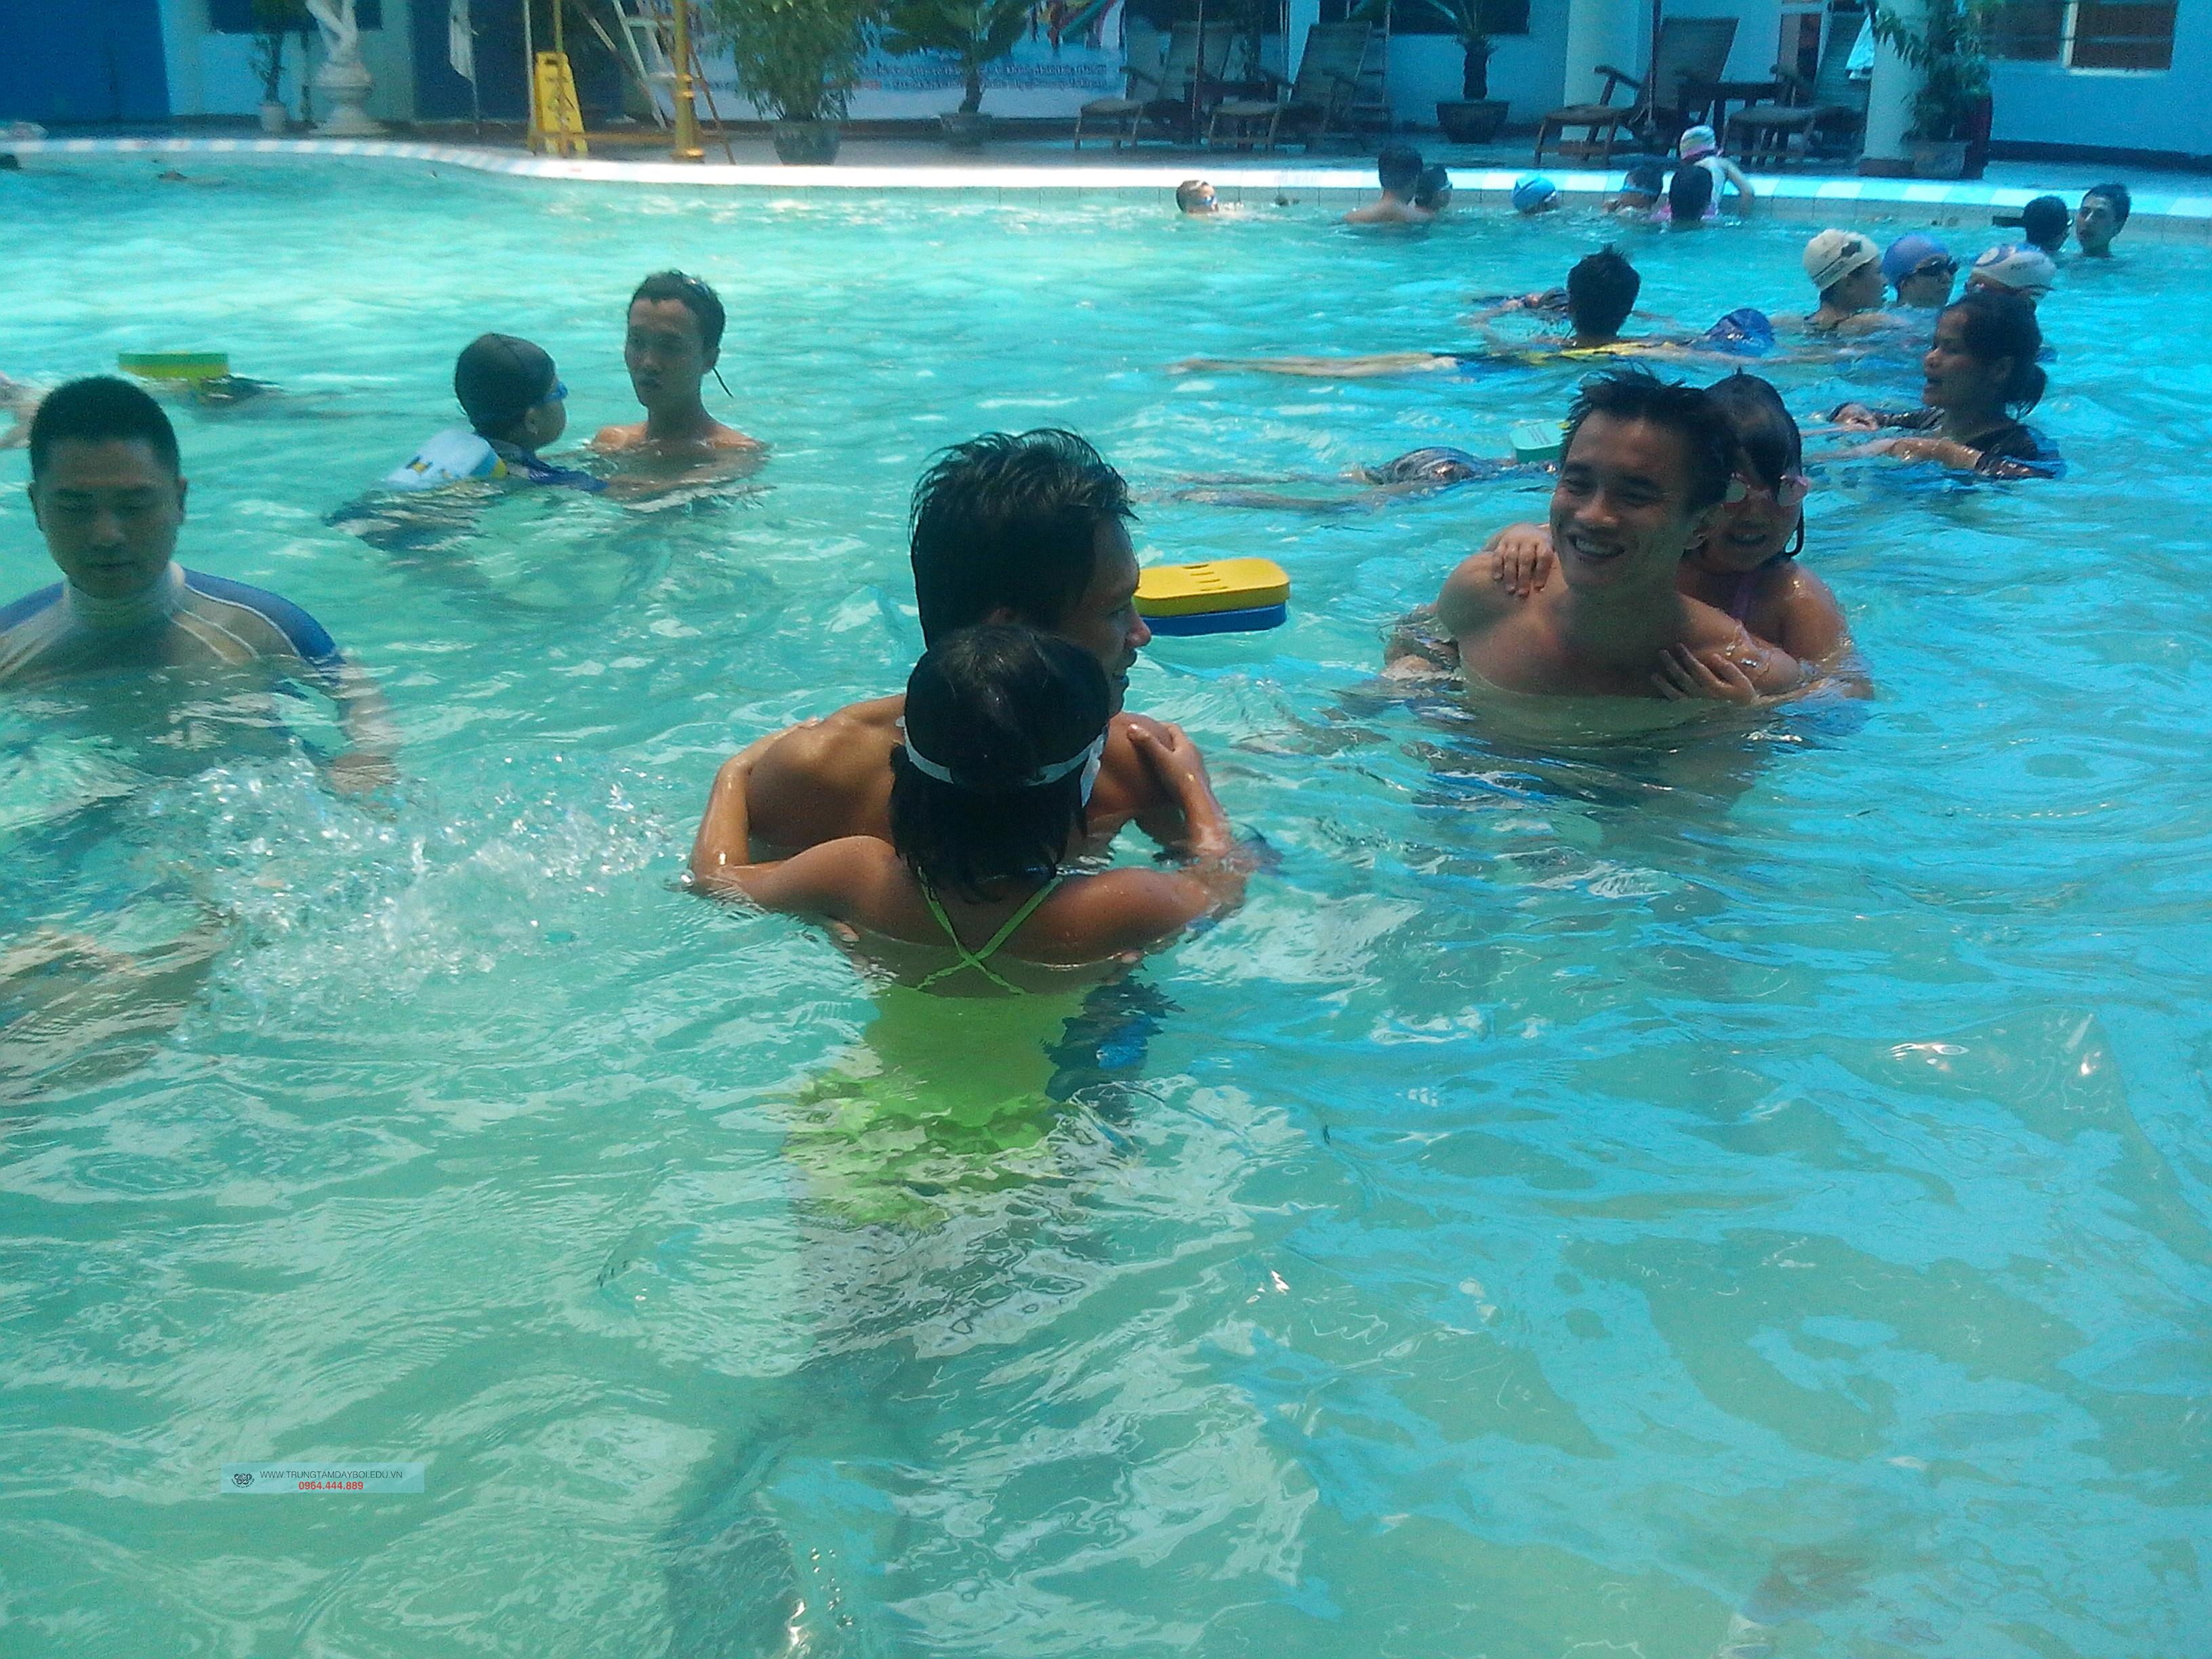 Hình ảnh lớp học bơi cơ bản